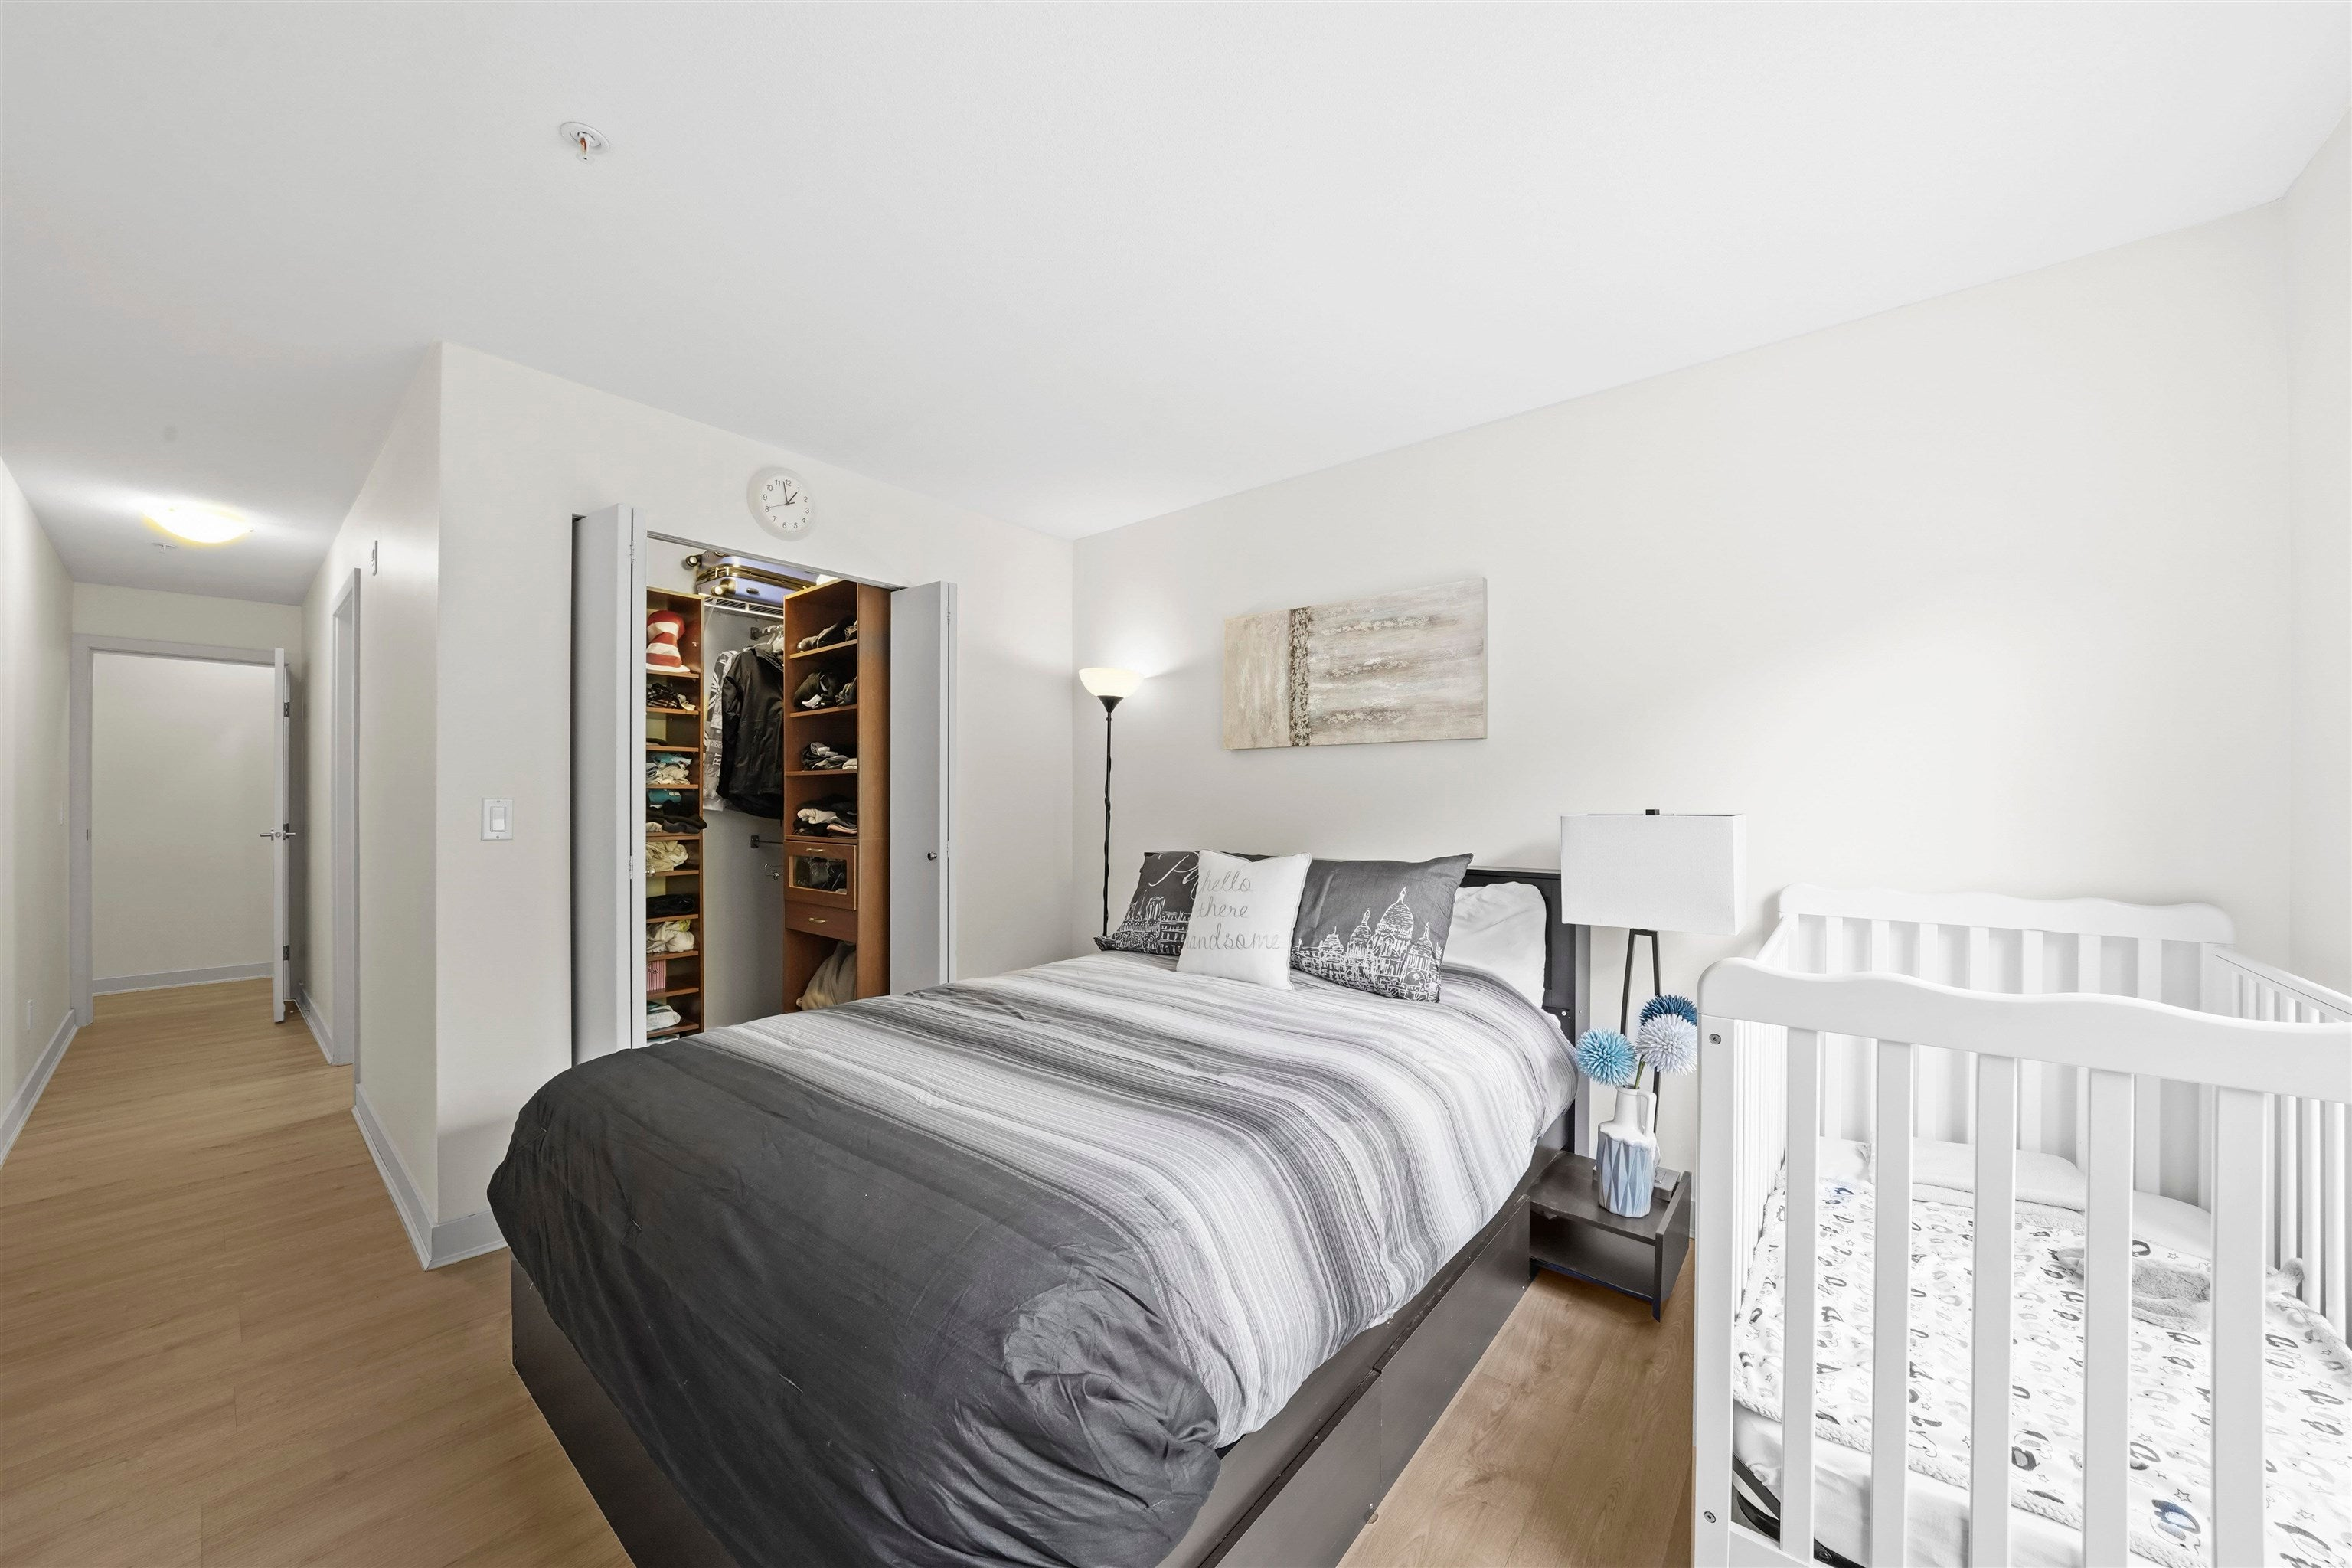 319 1633 MACKAY AVENUE - Pemberton NV Apartment/Condo for sale, 2 Bedrooms (R2624916) - #15